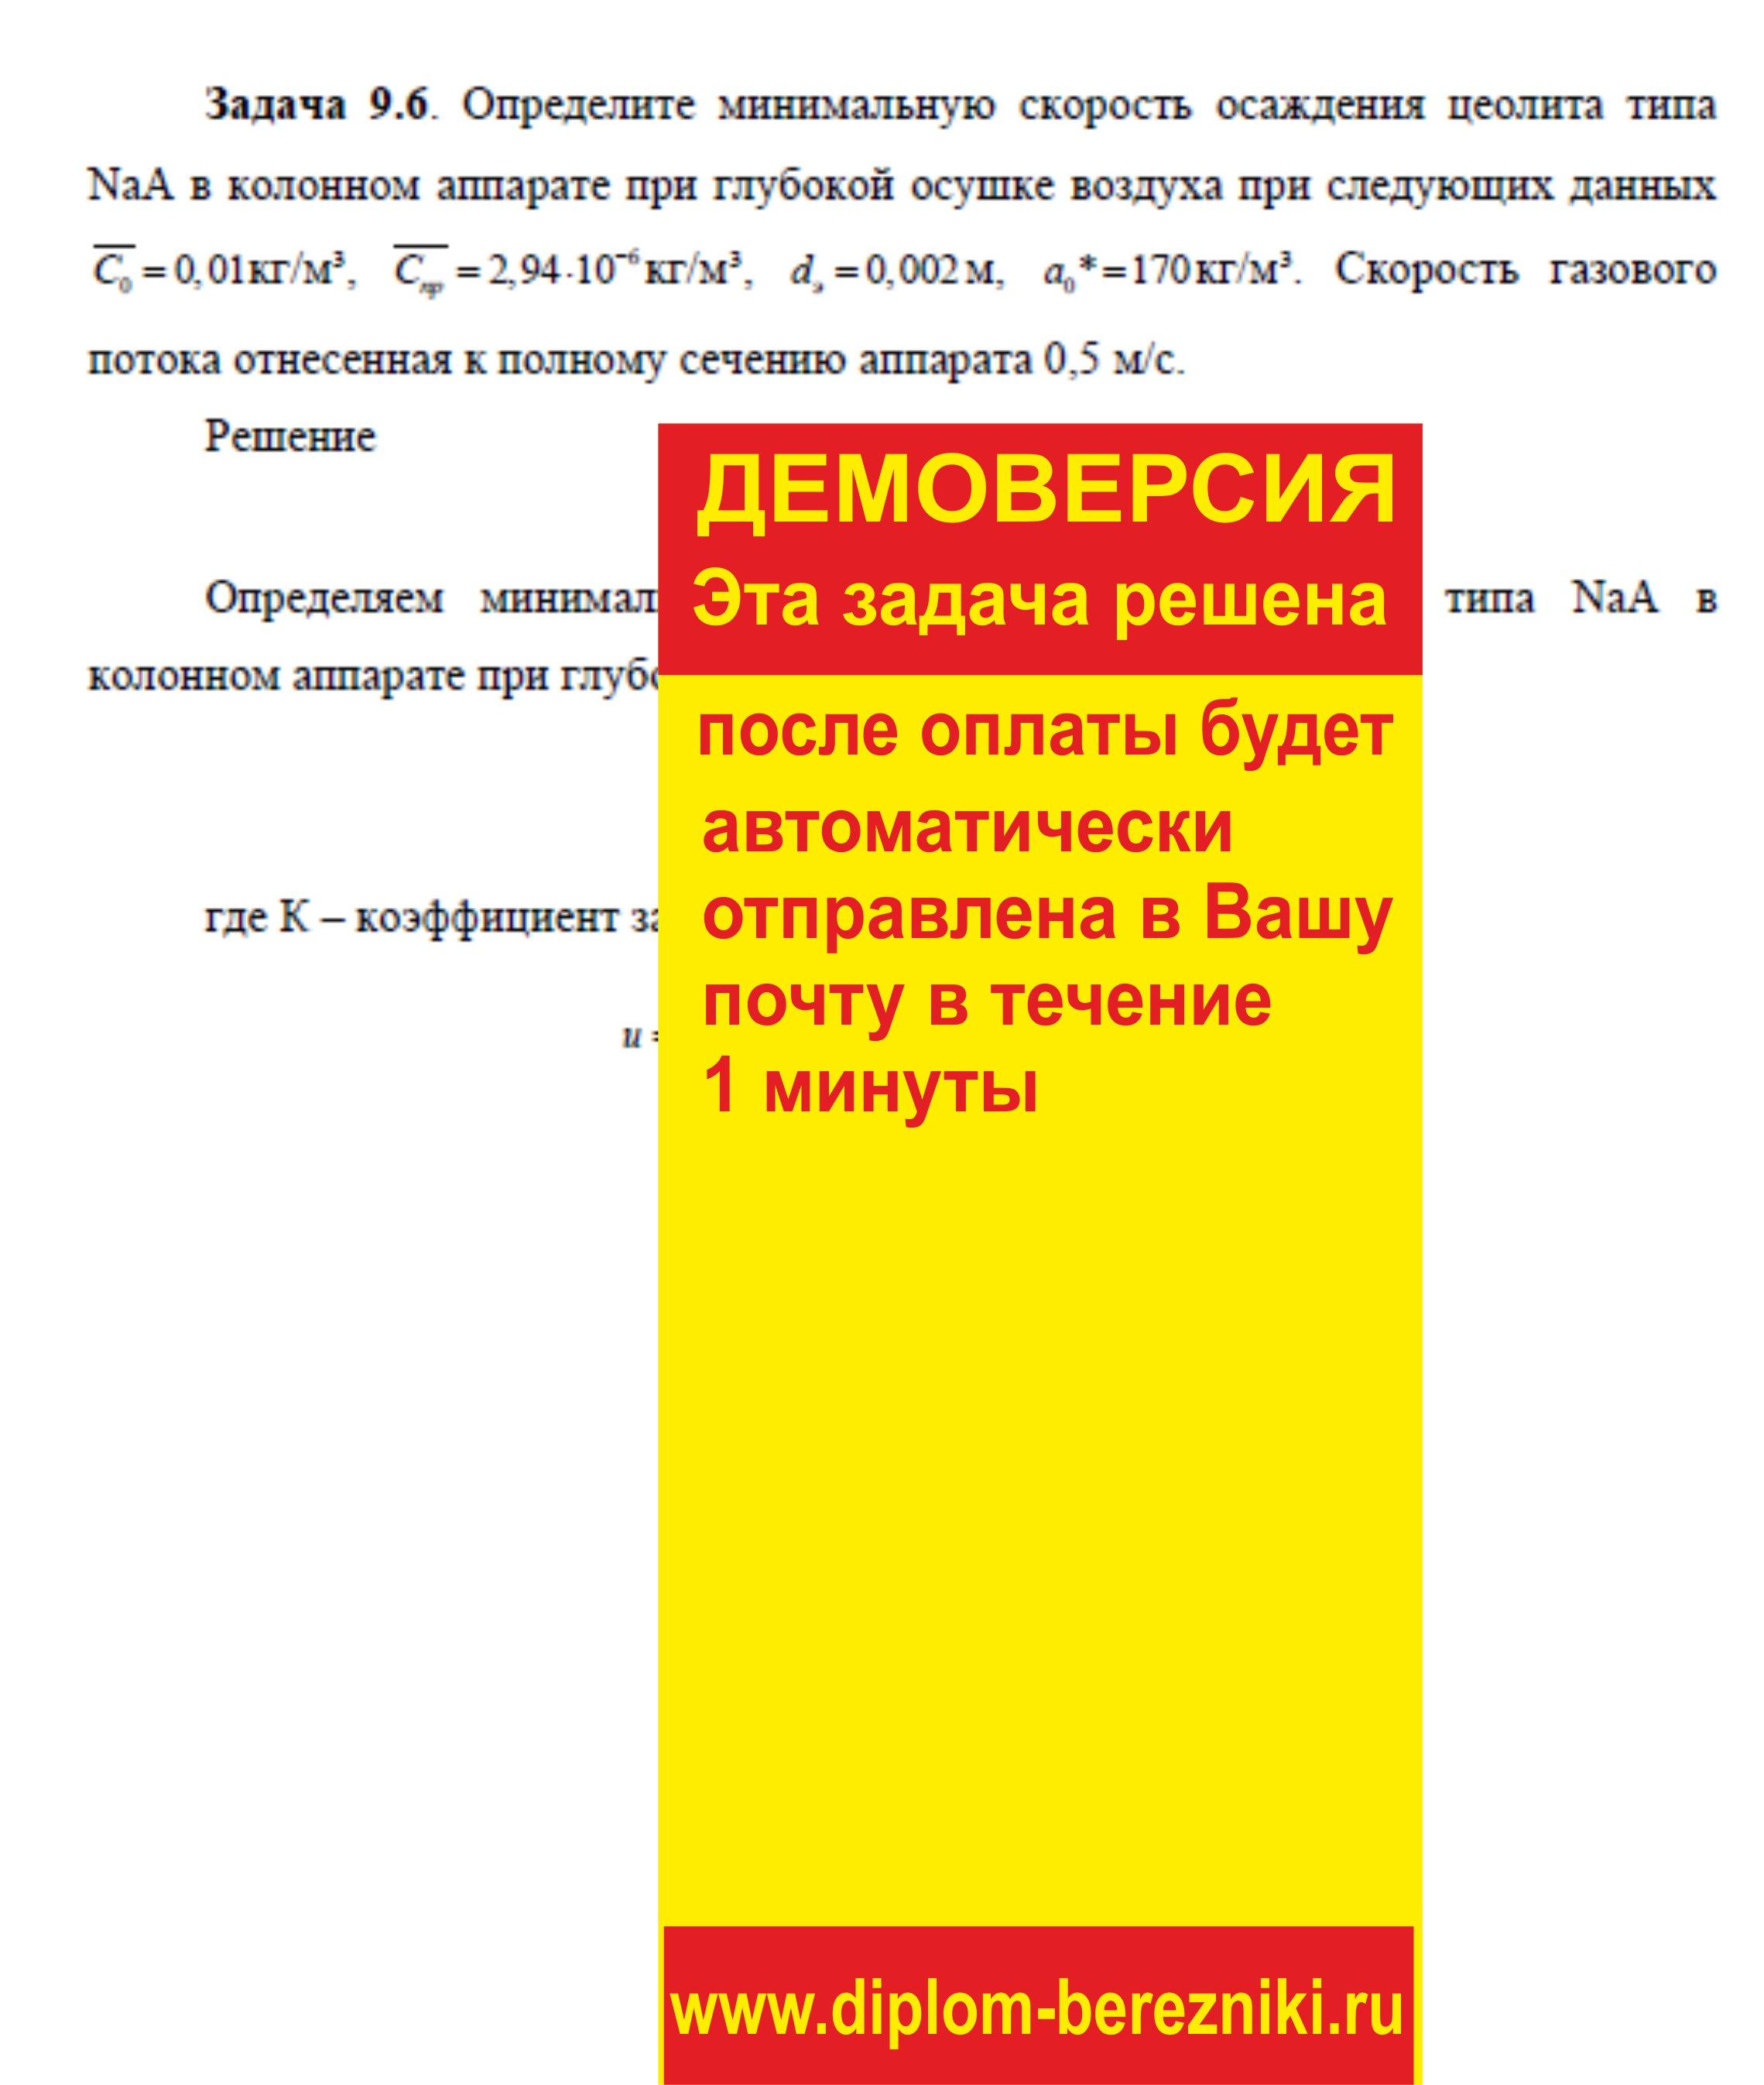 Решение задачи 9.6 по ПАХТ из задачника Павлова Романкова Носкова